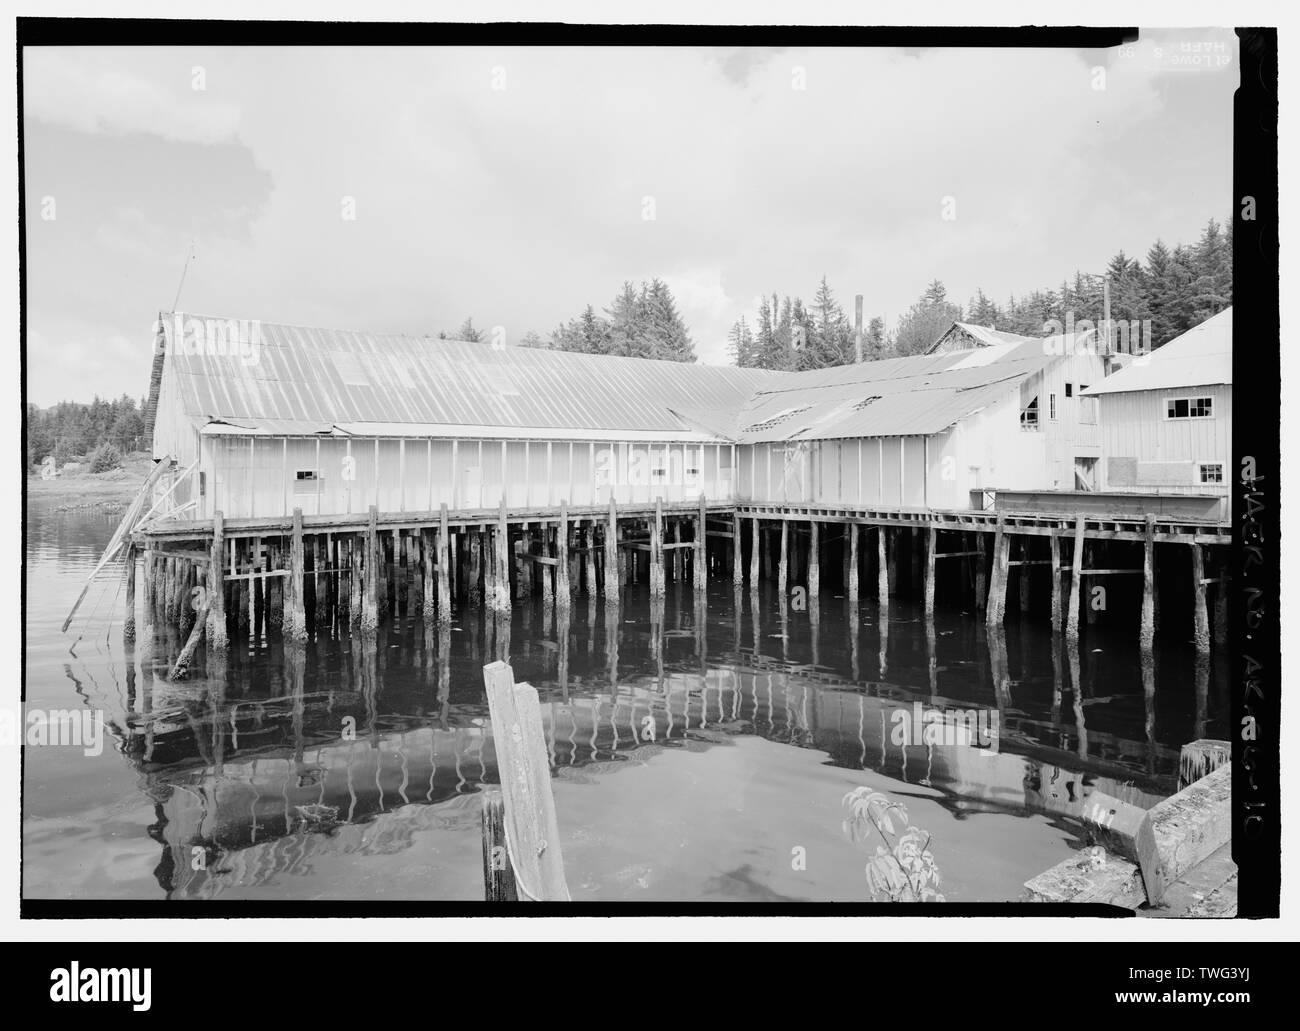 Processing building looking northeast - Kake Salmon Cannery, 540 Keku Road, Kake, Wrangell-Petersburg Census Area, AK - Stock Image